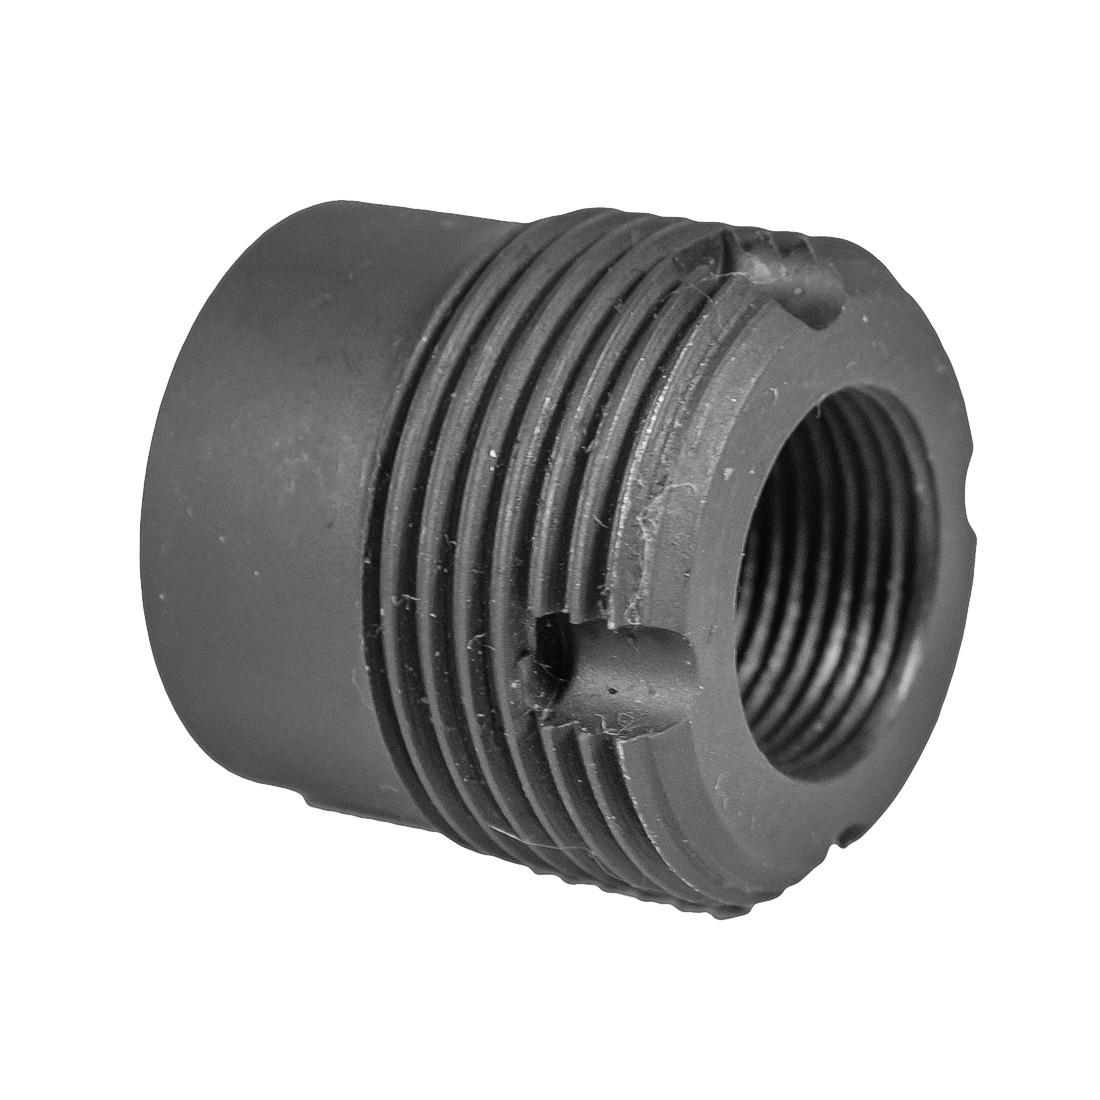 TSS Custom Muzzle Device AK barrel thread adapter 14x1-LH to 24x1-RH